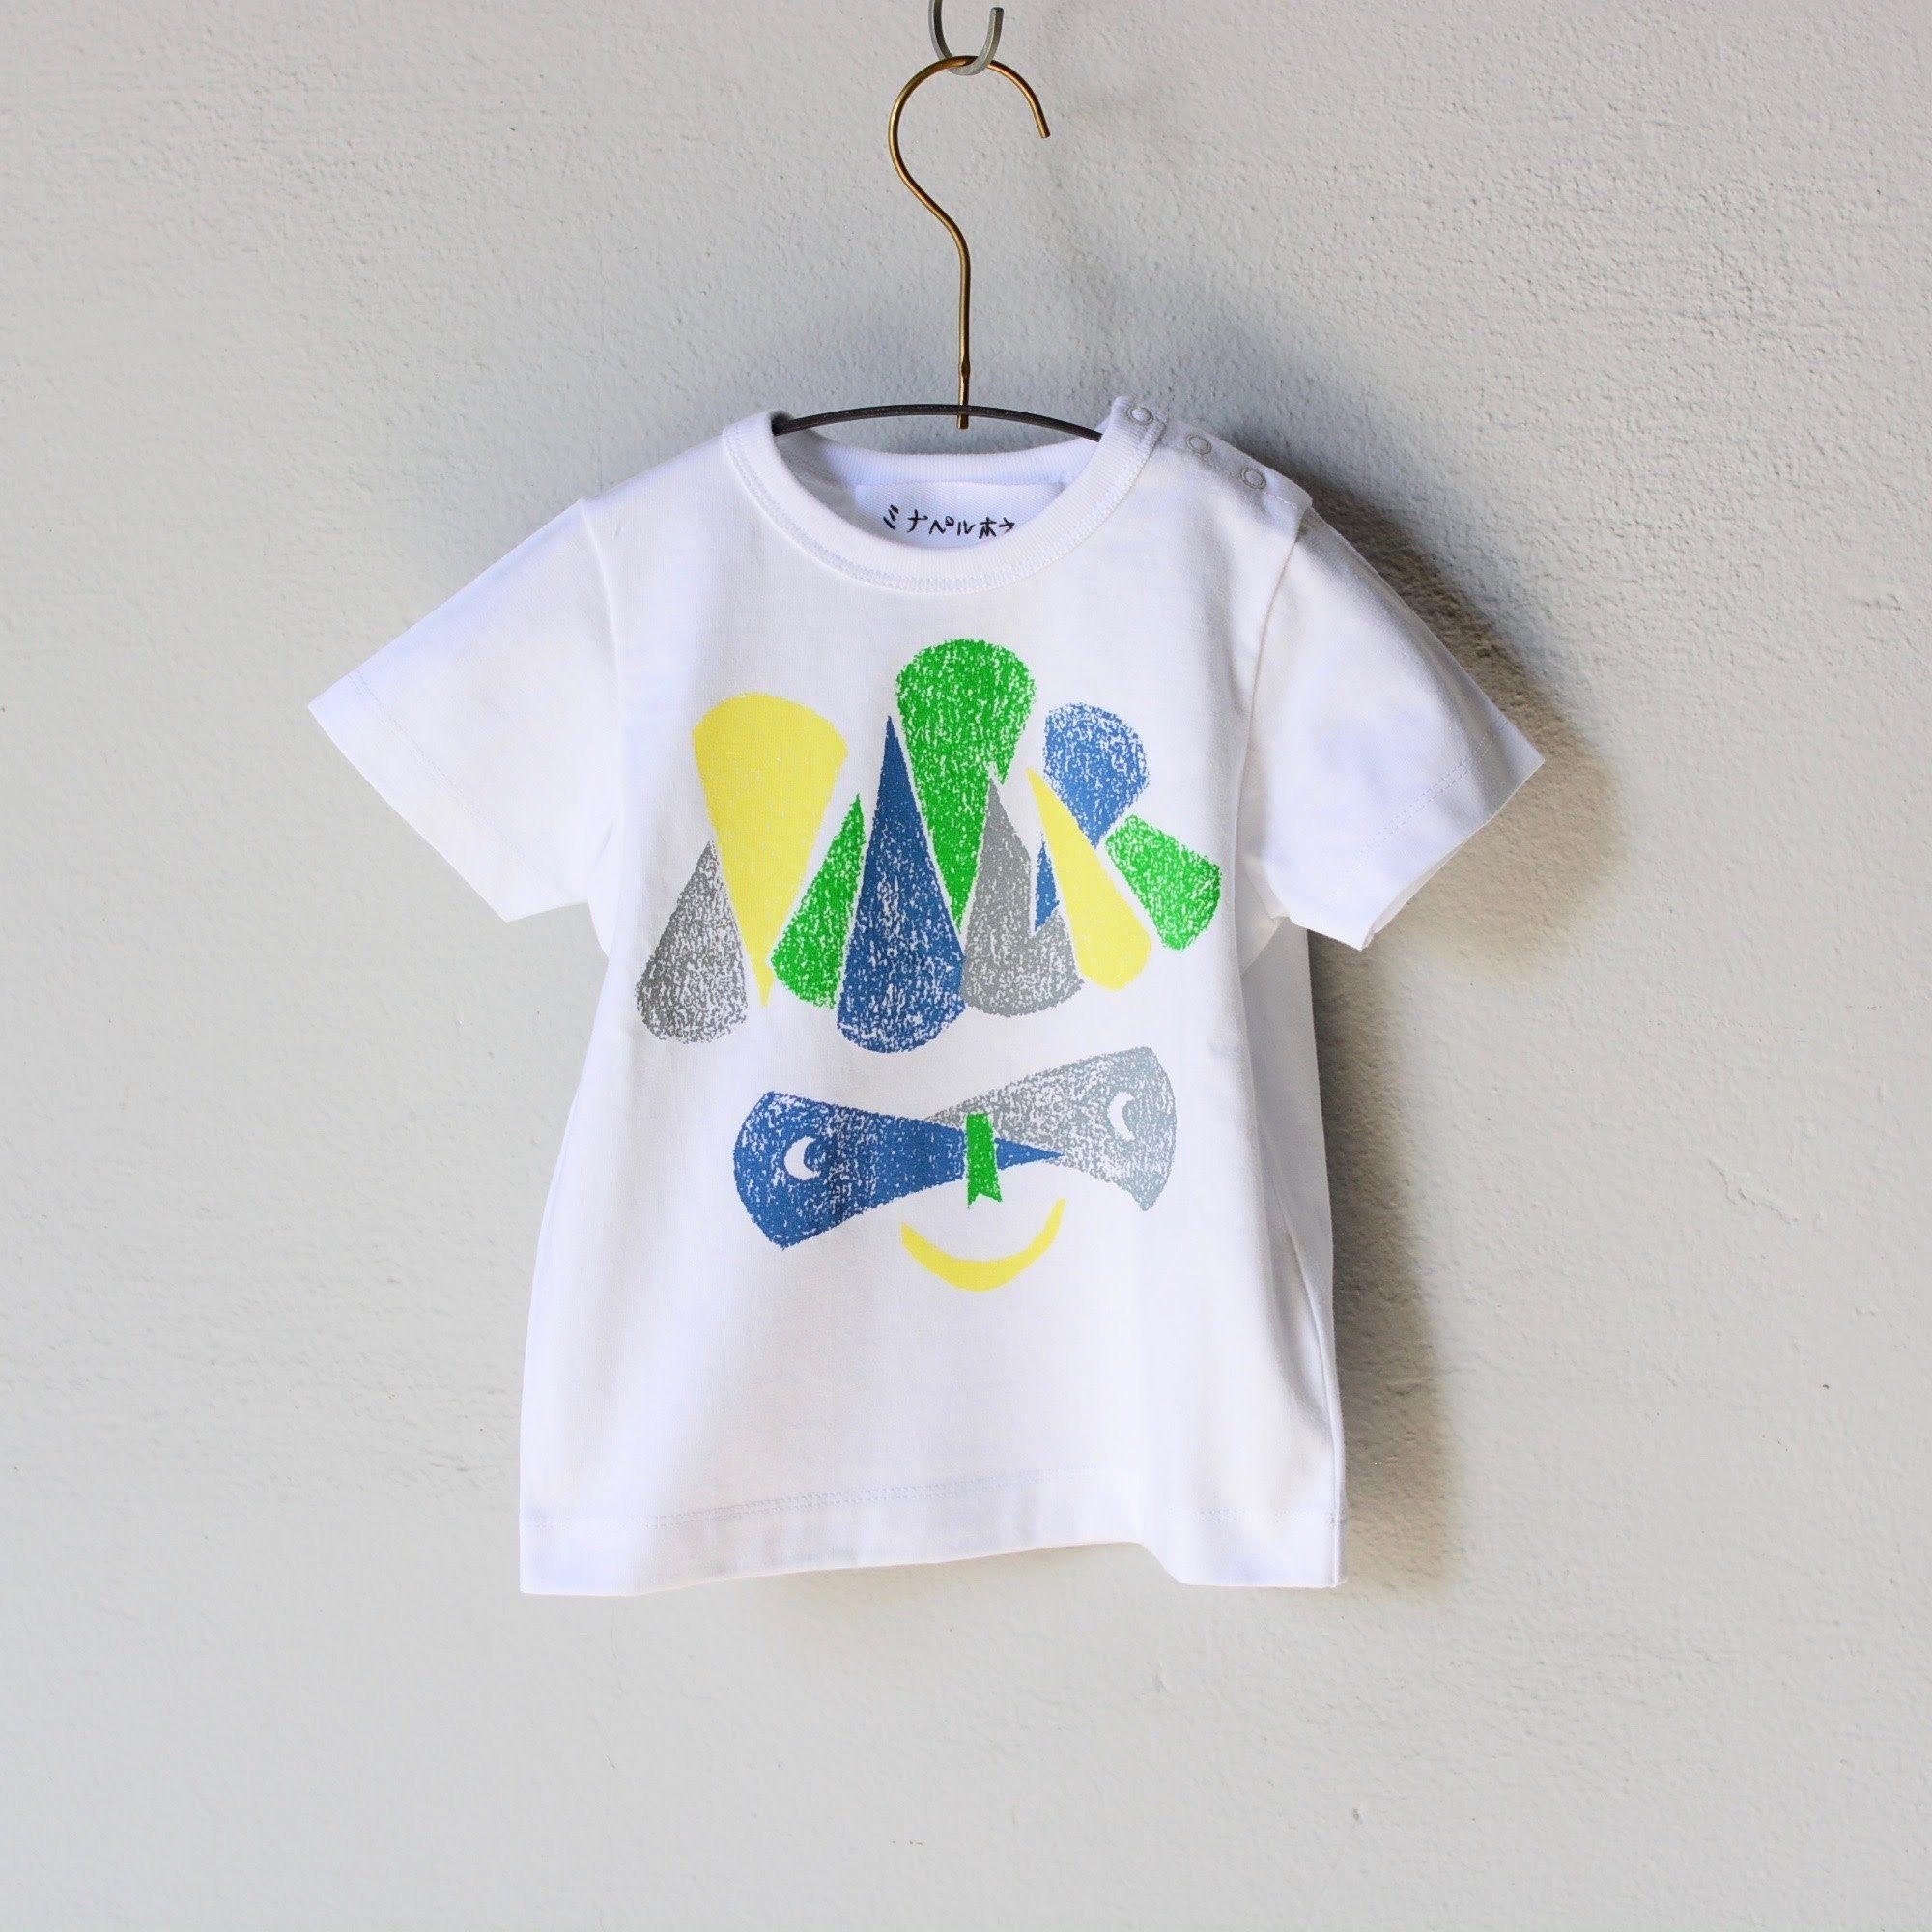 """【 ミナペルホネン 18SS 】 Tシャツ """"M.Crocus"""" / white  / 110-130cm  (WS8883P)"""